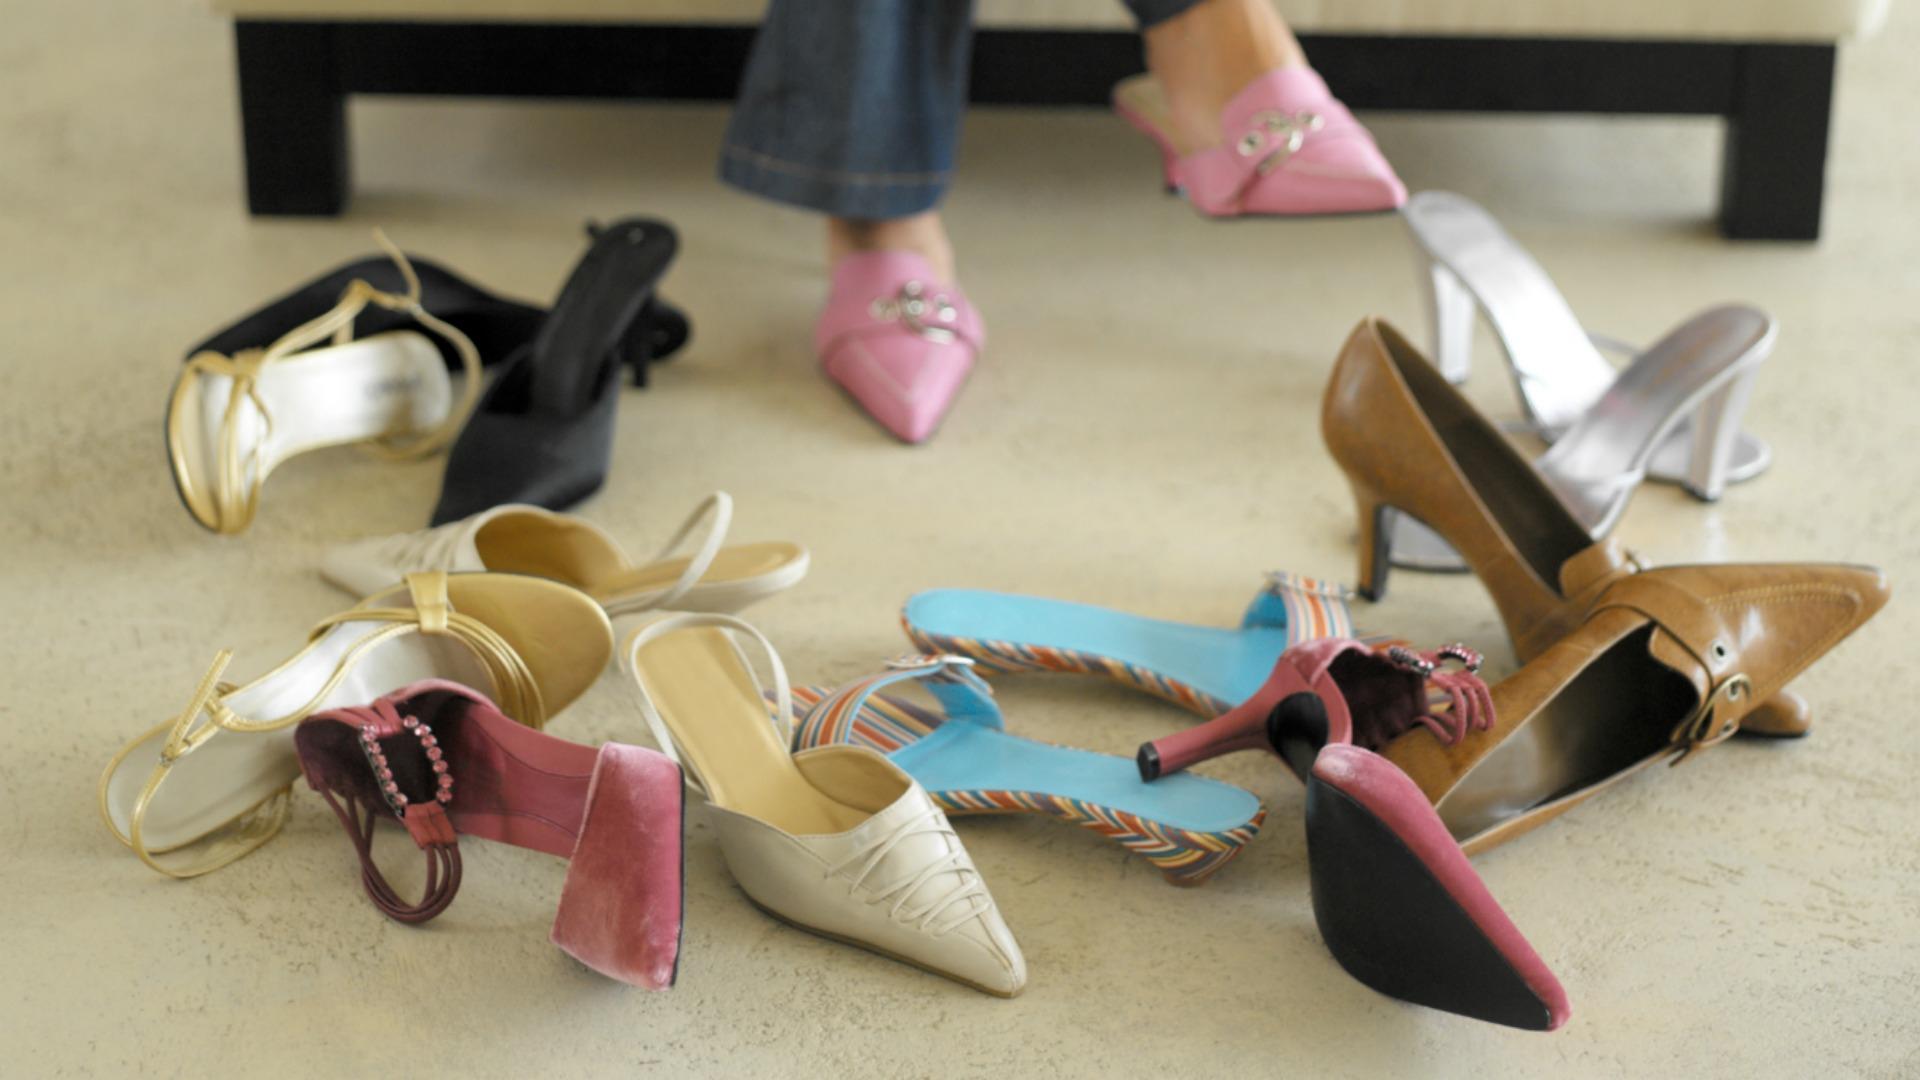 Te Molestan Los Zapatos Técnicas Caseras Para Estirar